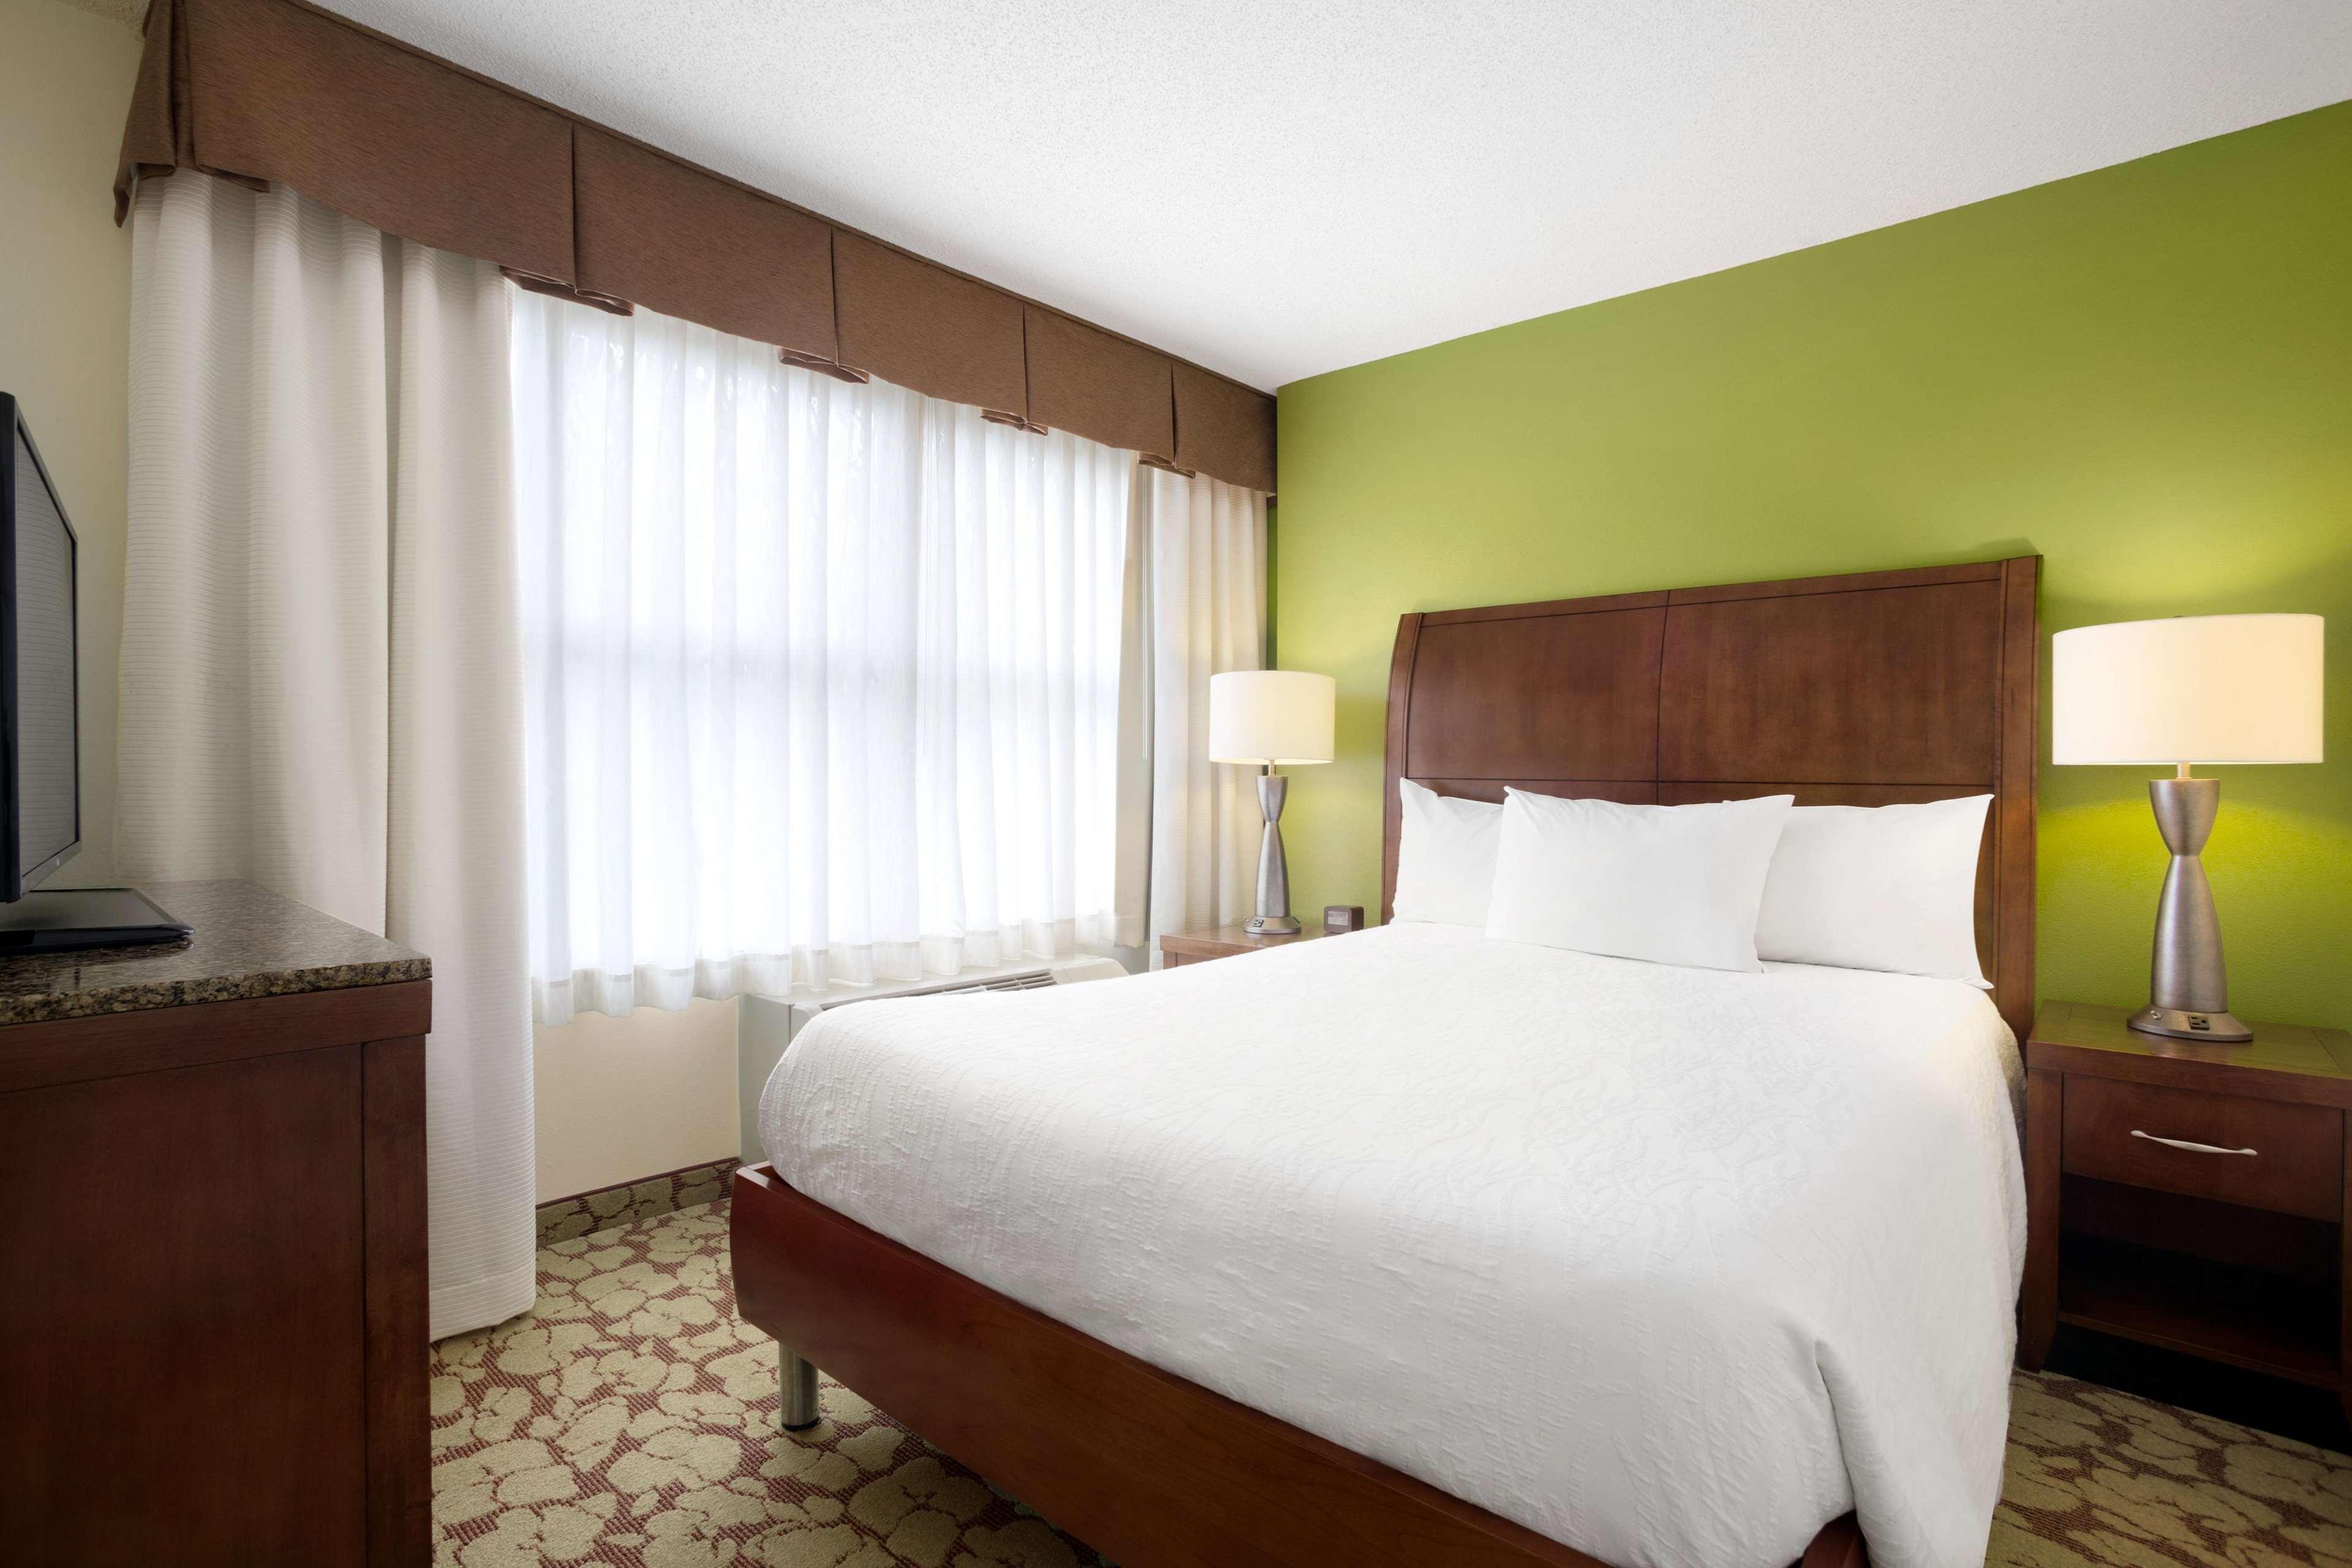 Hilton Garden Inn Atlanta Perimeter Center image 7